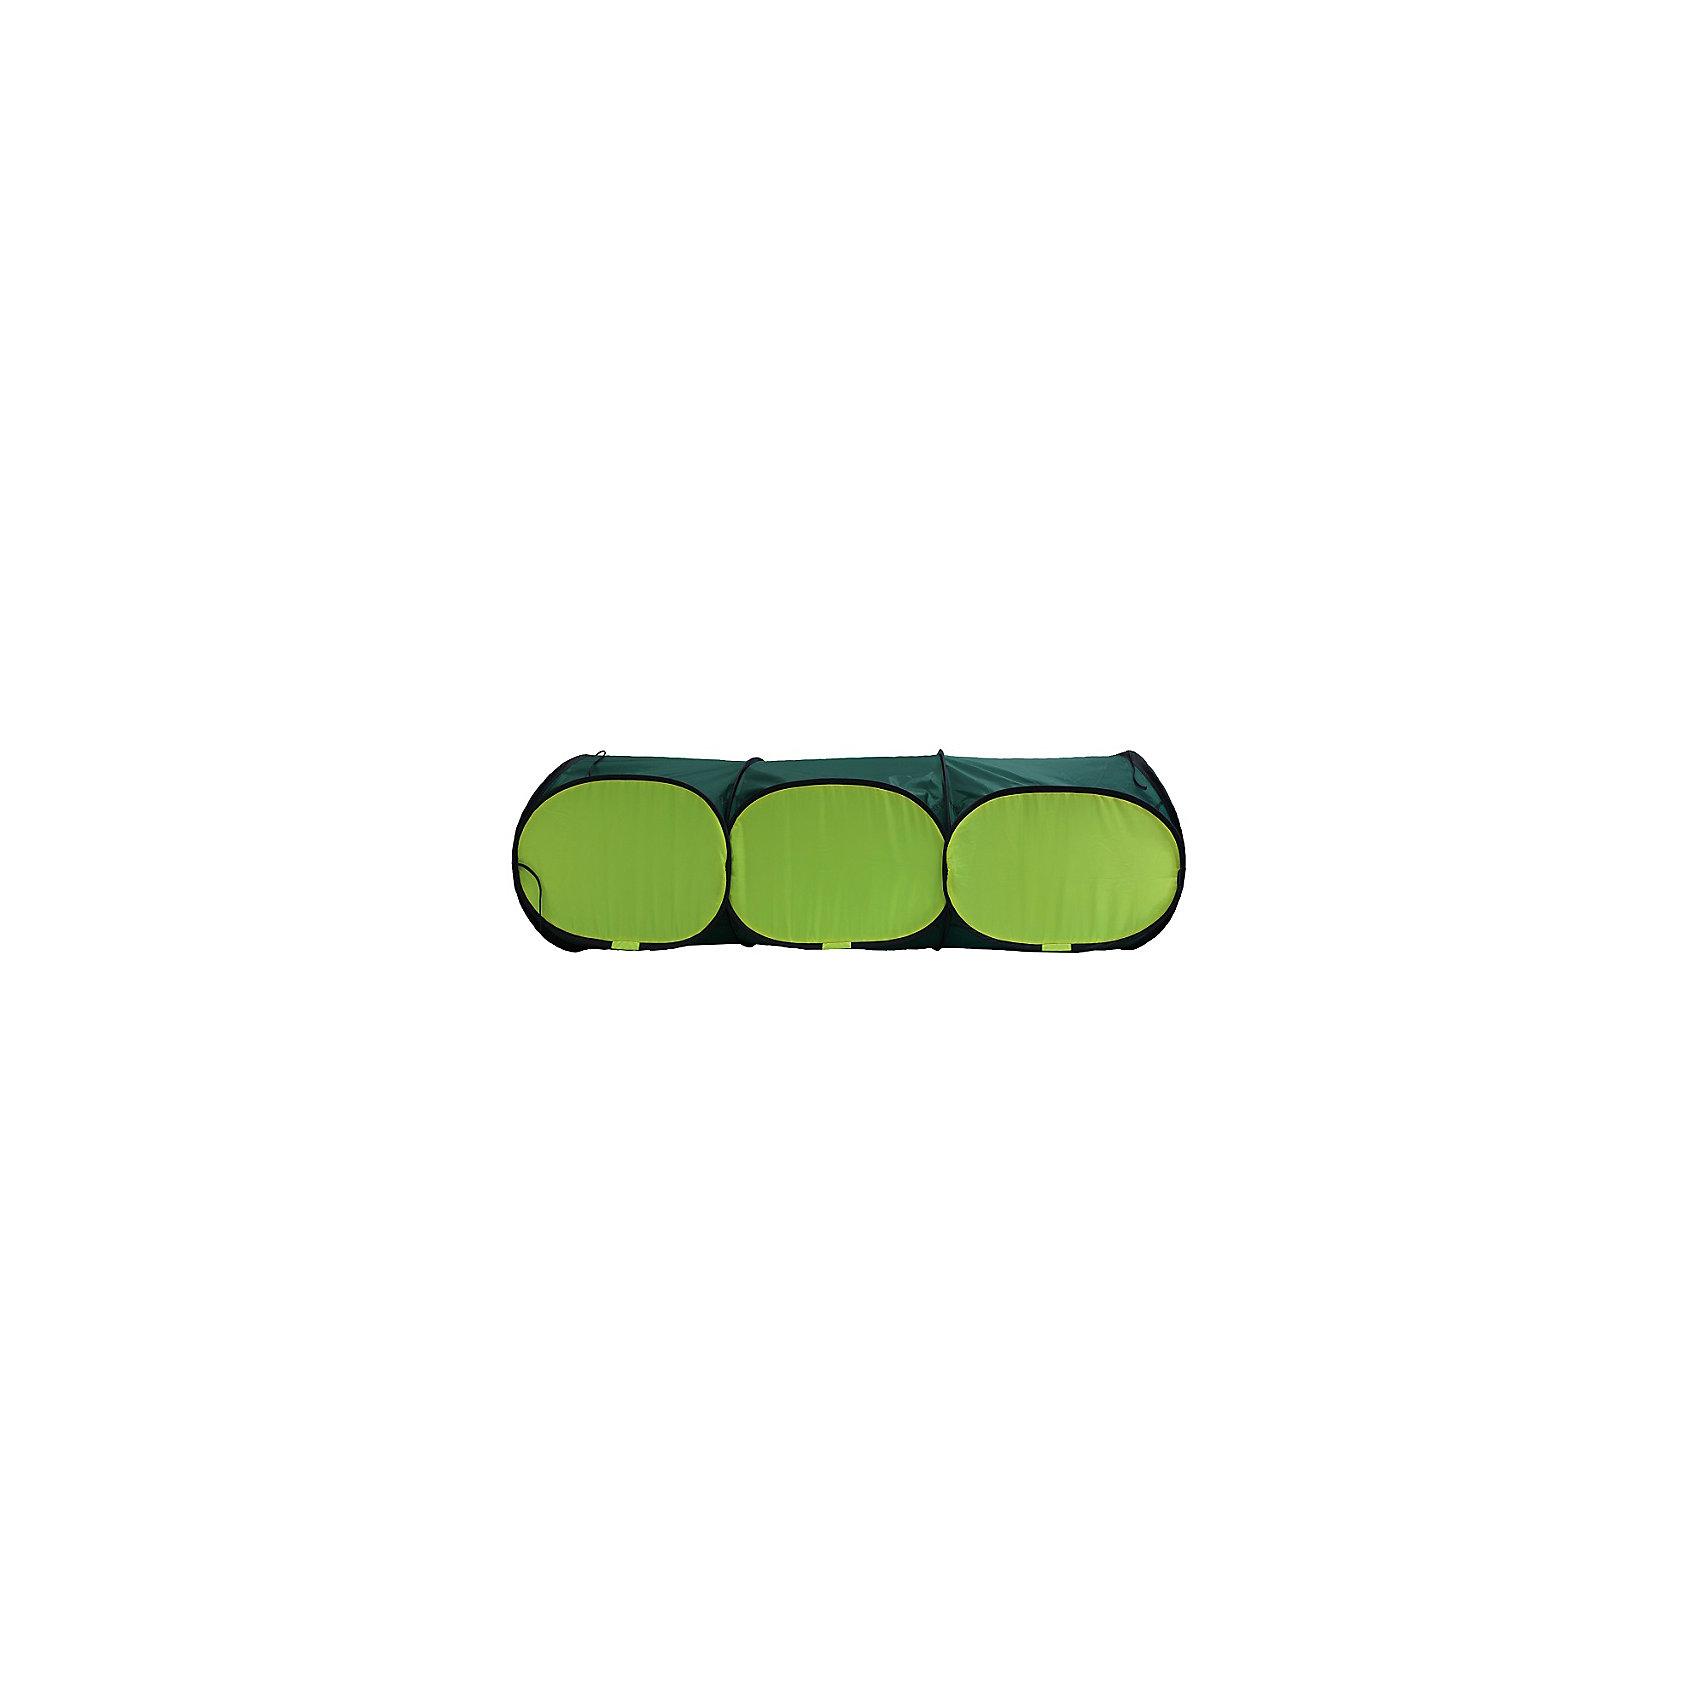 Тоннель, 3 секцииРазмер тоннеля: 150см х 50см<br>Используемые материалы: прочный синтетический водоотталкивающий материал, стальная пружинная лента.<br><br>Ширина мм: 460<br>Глубина мм: 620<br>Высота мм: 60<br>Вес г: 1100<br>Возраст от месяцев: 36<br>Возраст до месяцев: 120<br>Пол: Унисекс<br>Возраст: Детский<br>SKU: 4852049